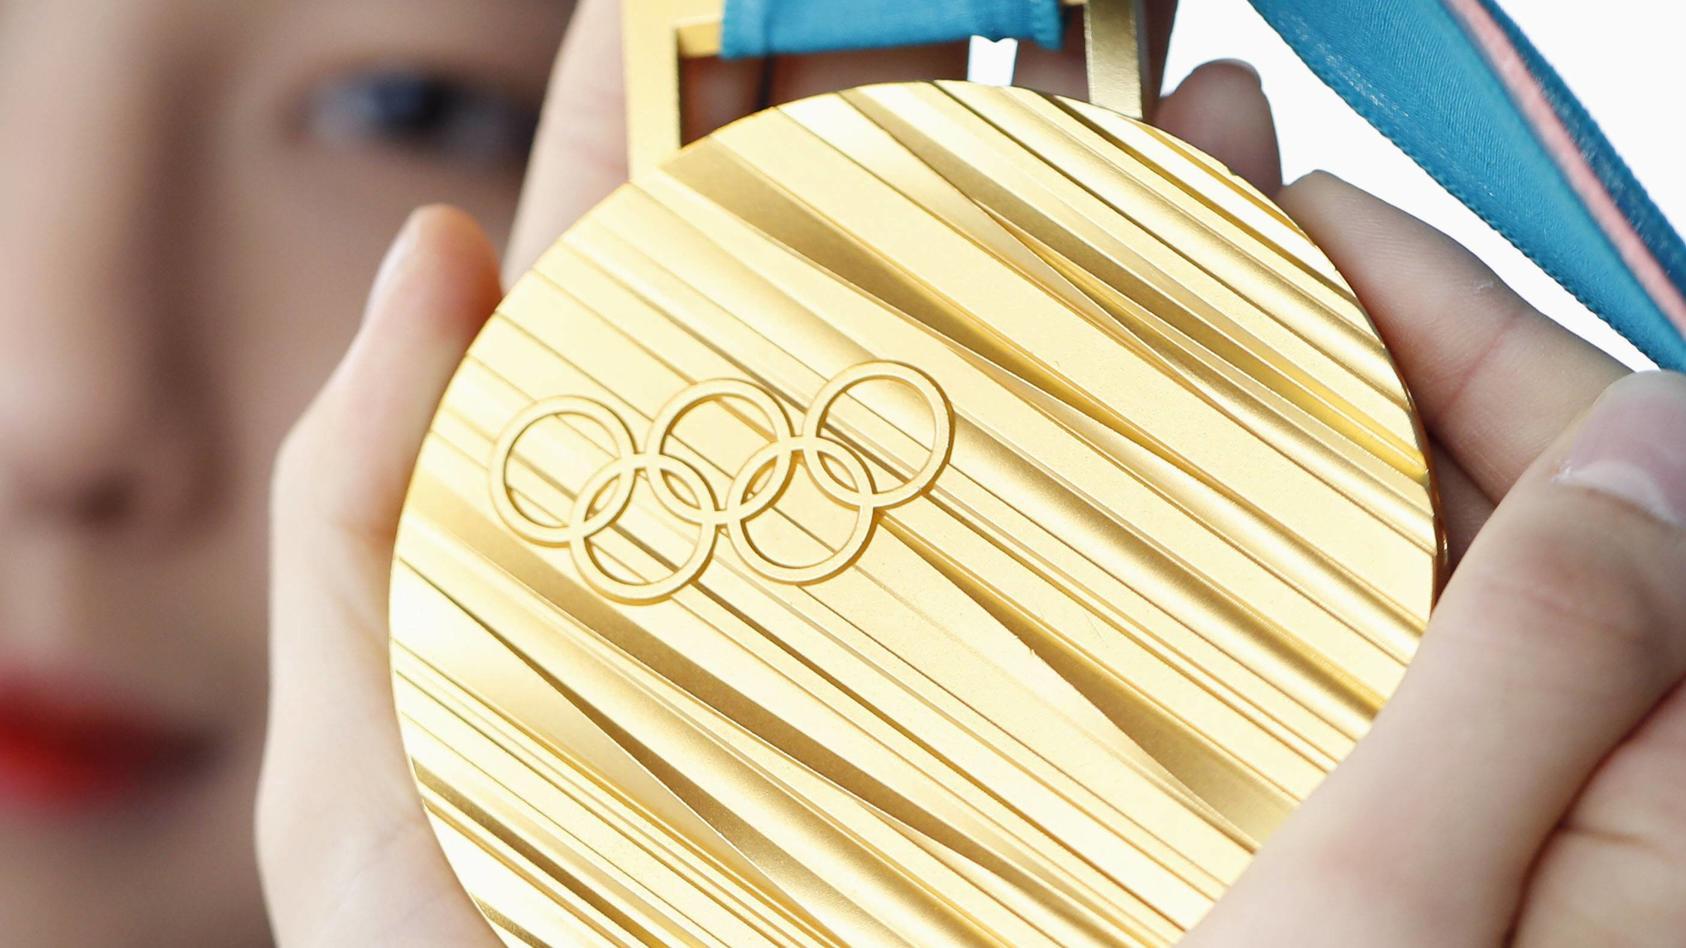 Süd- und Nordkorea laufen bei der Olympia-Eröffnungsfeier gemeinsam ein. (Symbolbild)